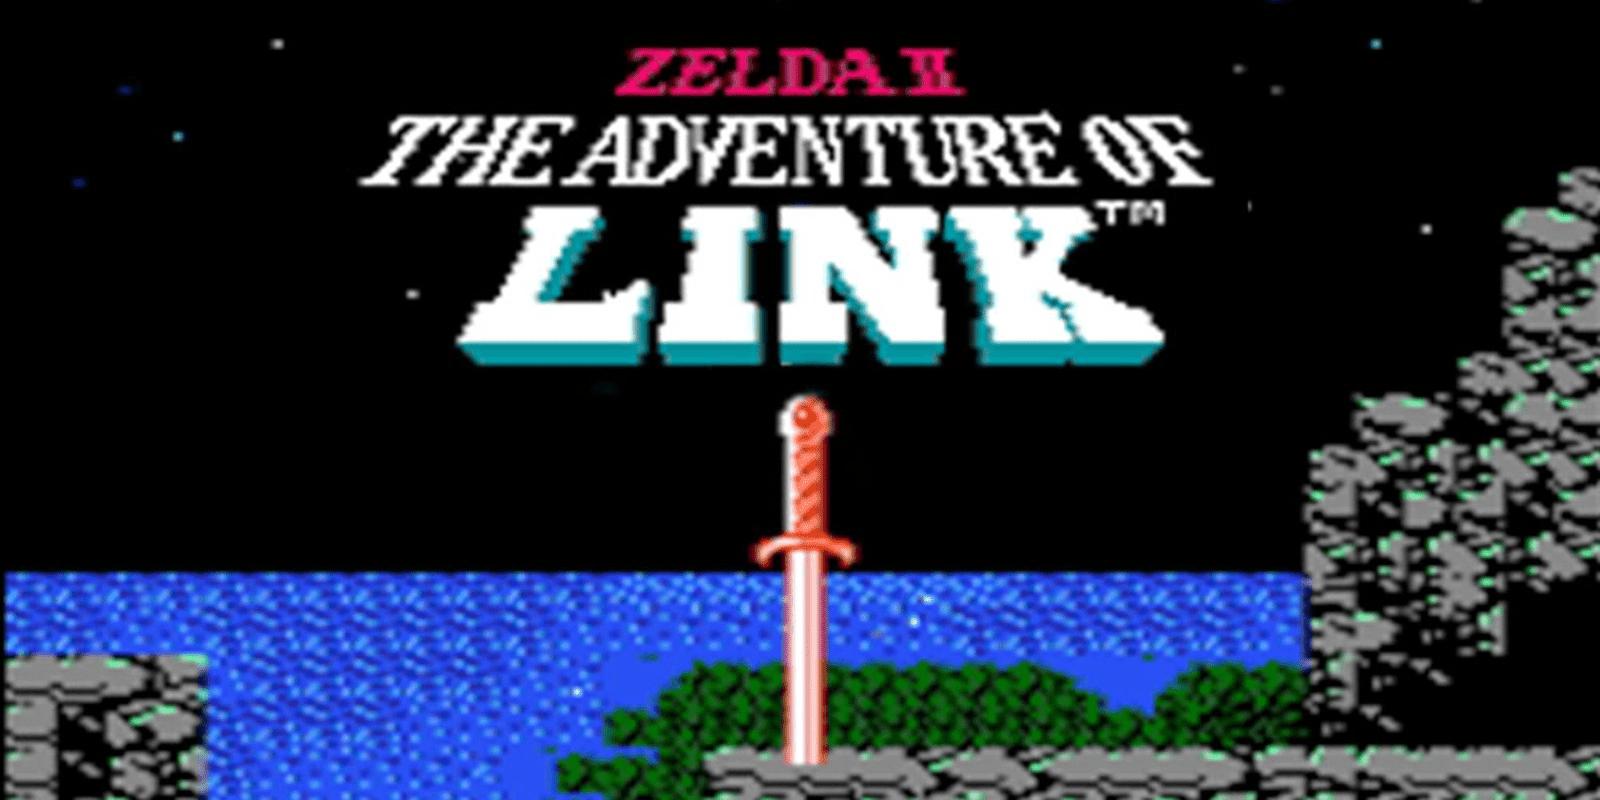 Zelda II: The Adventure of Link von 1987